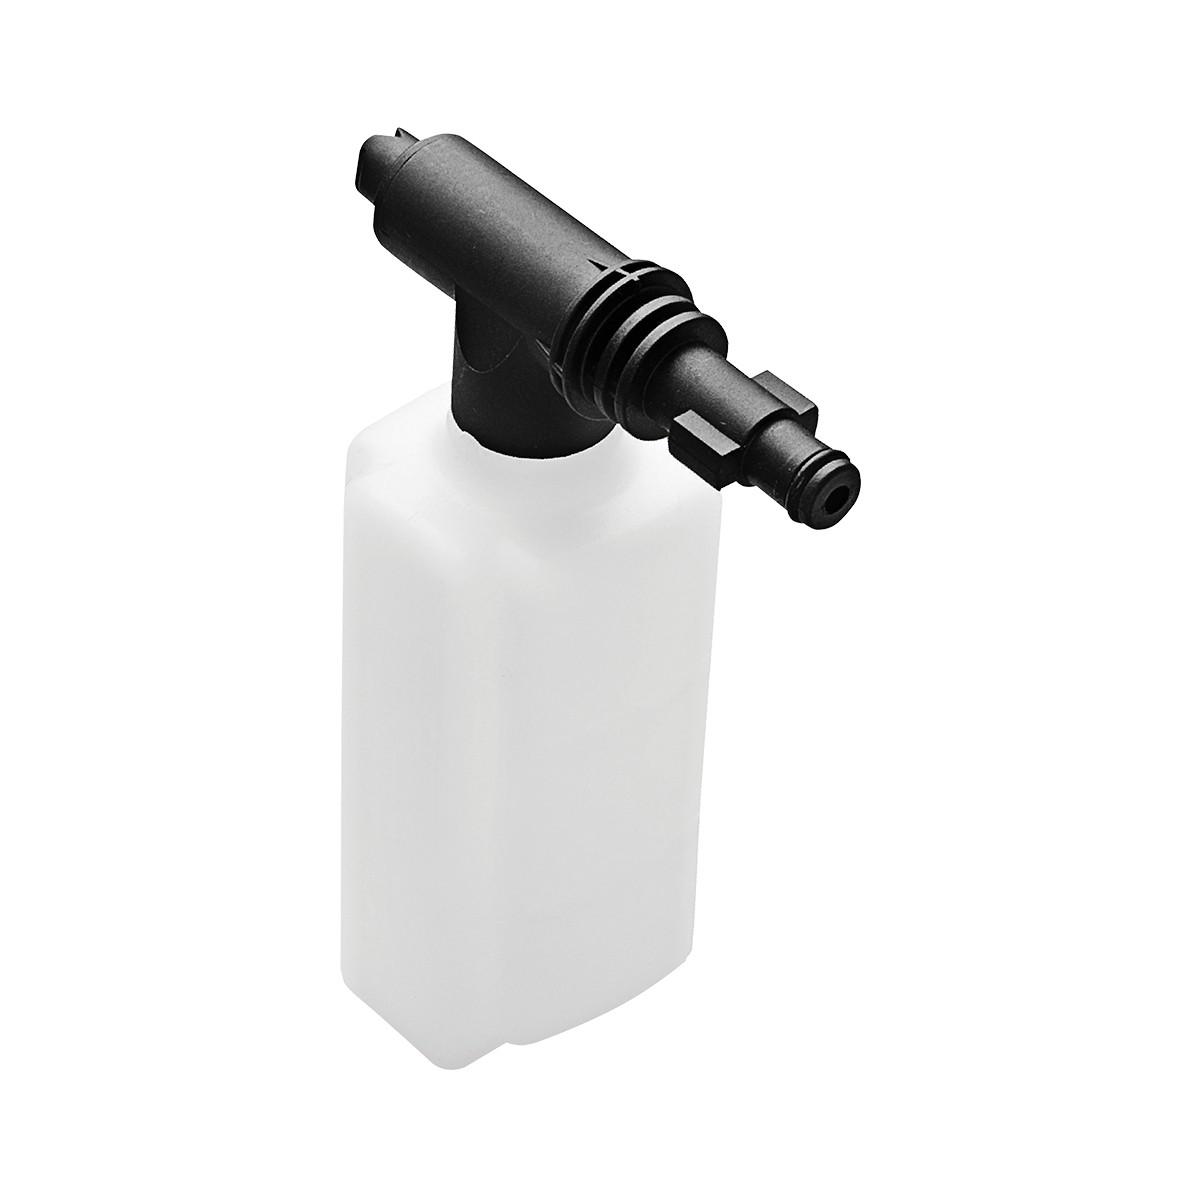 Aplicador de detergente Original Tramontina Lavadoras 1200w 1400w